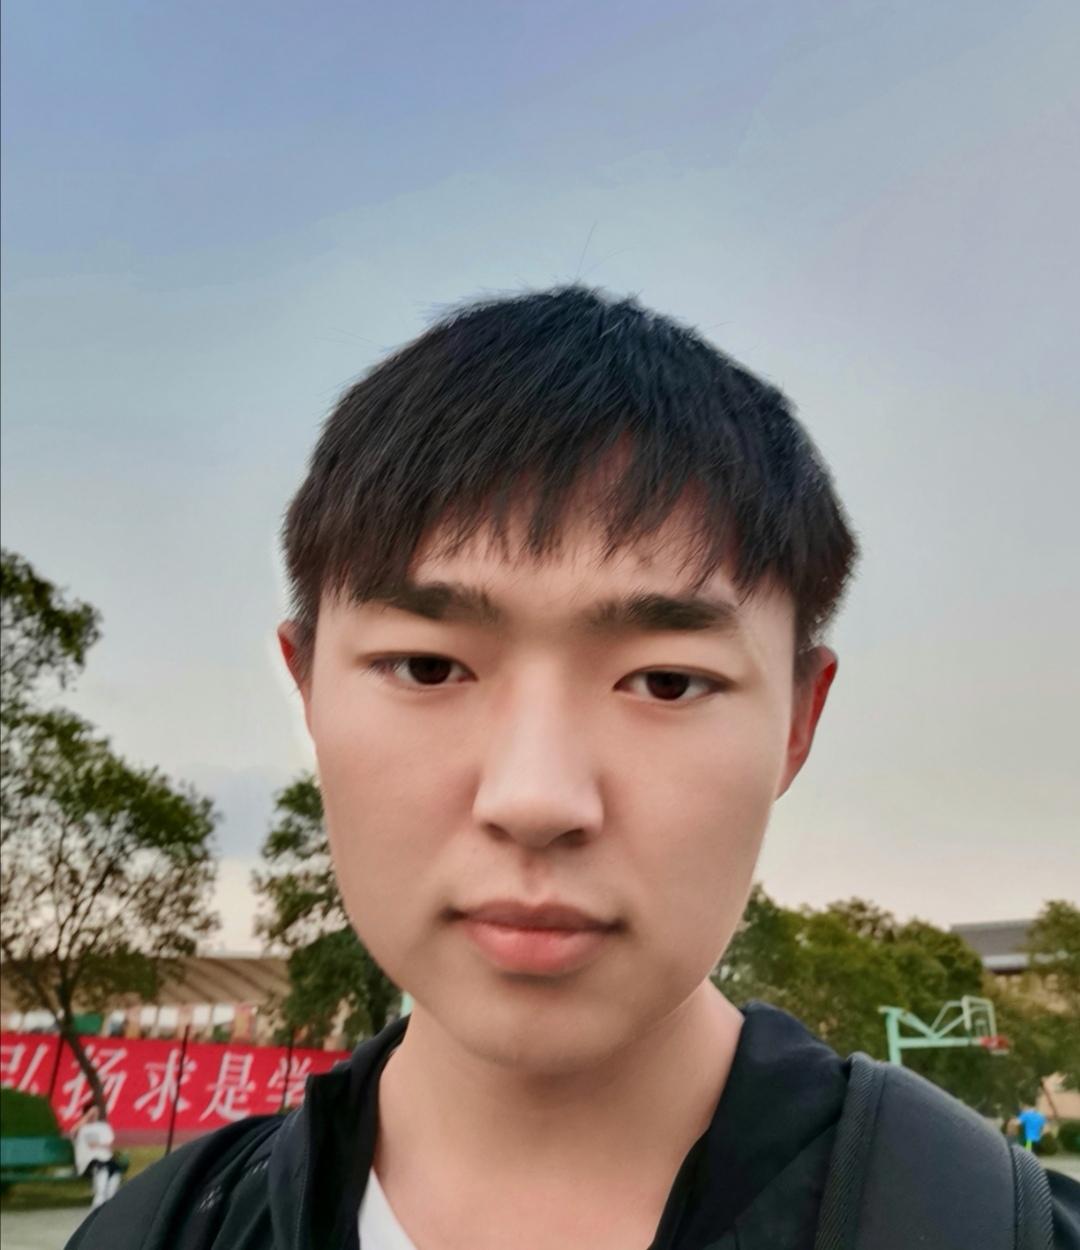 上海家教孔老师